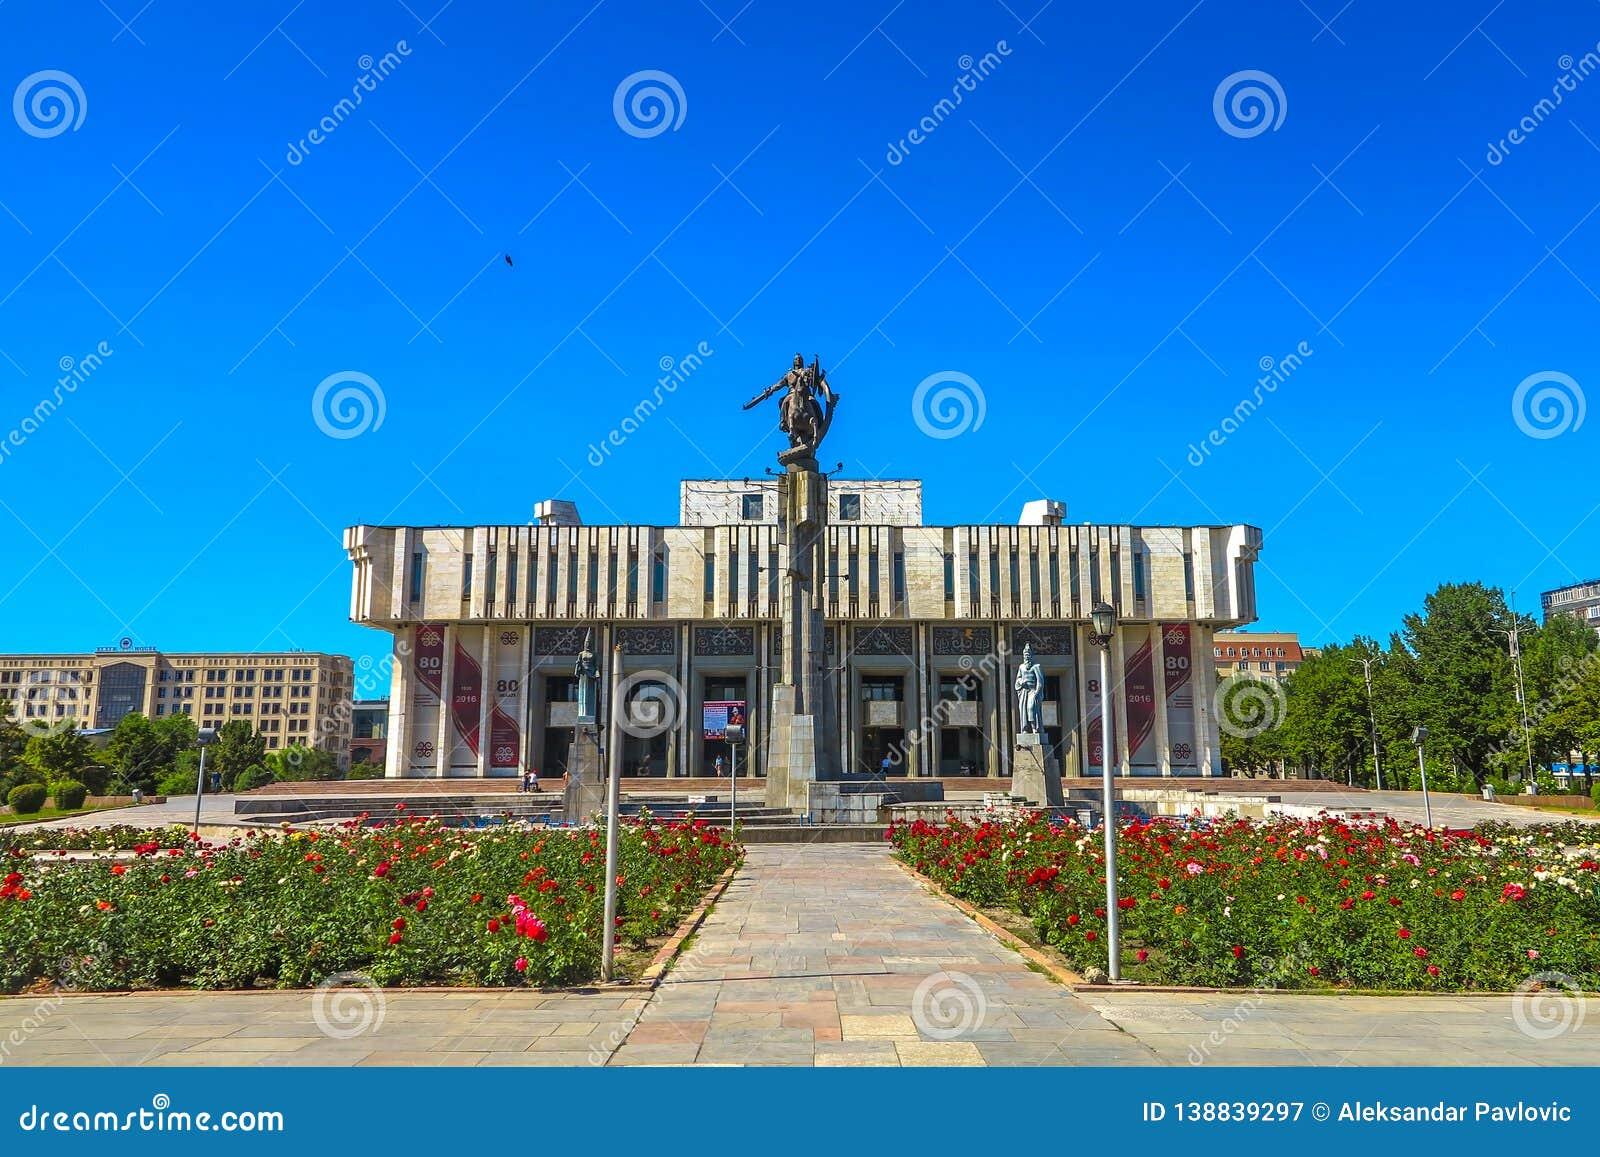 Bishkek Philharmonic Hall 01